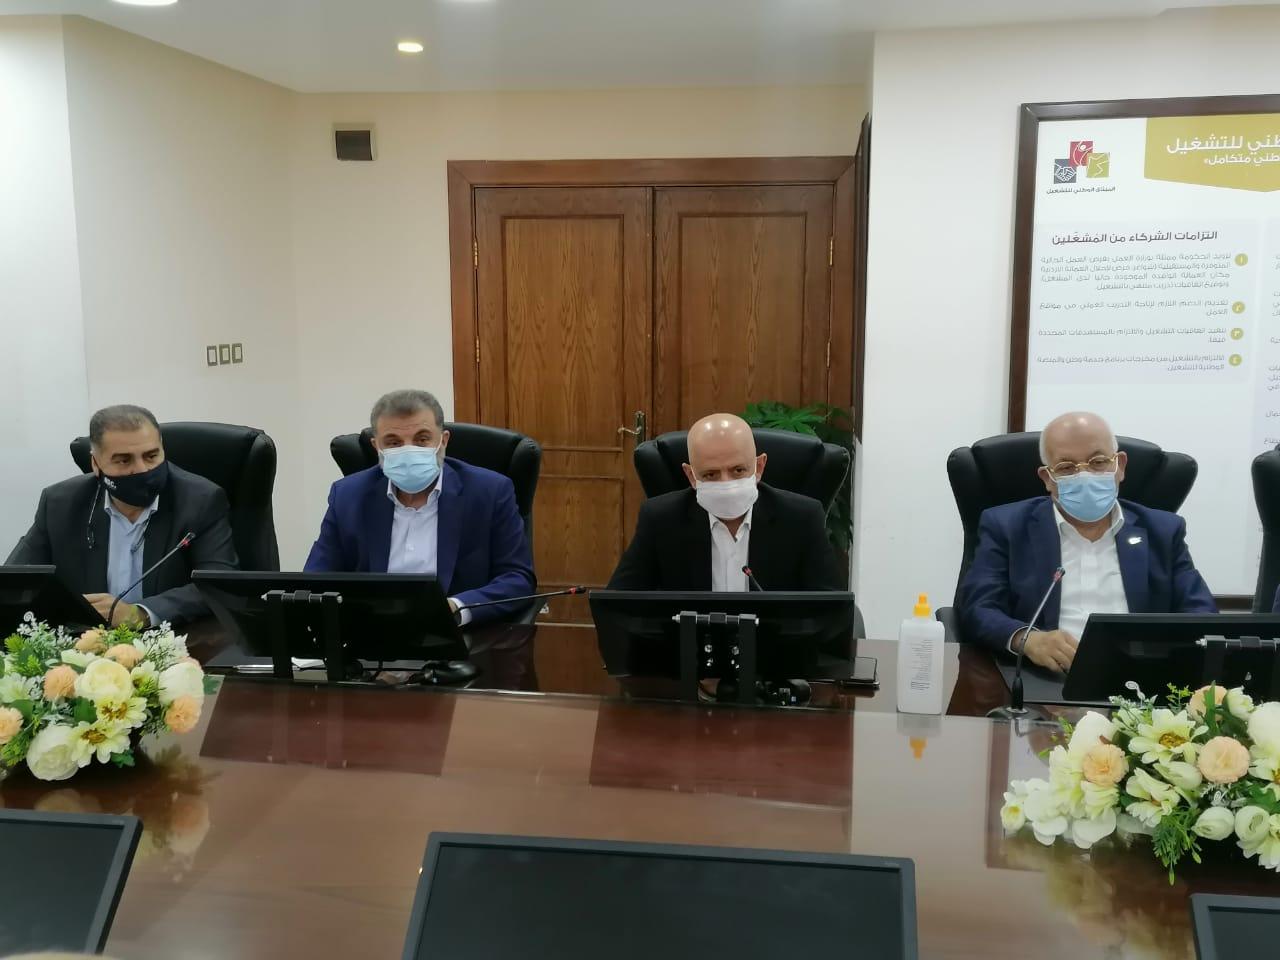 الفايز والشمالي يبحثان مع رئيس غرفة تجارة عمان التحديات التي تواجه القطاع السياحي